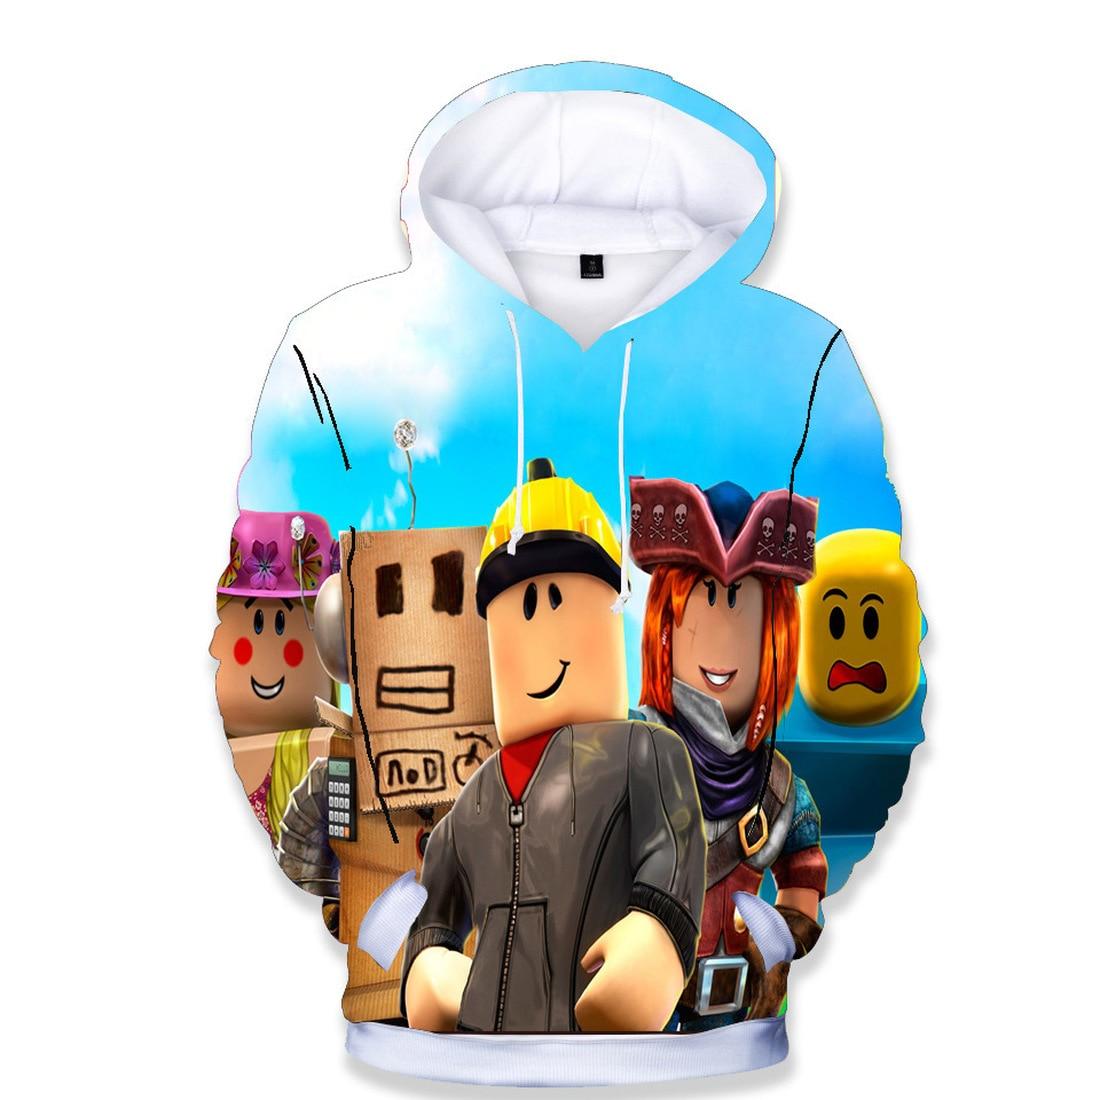 Толстовка Robloxing, свитшоты, джоггеры, джемперы, детские пуловеры с 3D принтом, уличная одежда с кулиской, куртки с капюшоном для мальчиков с мул...